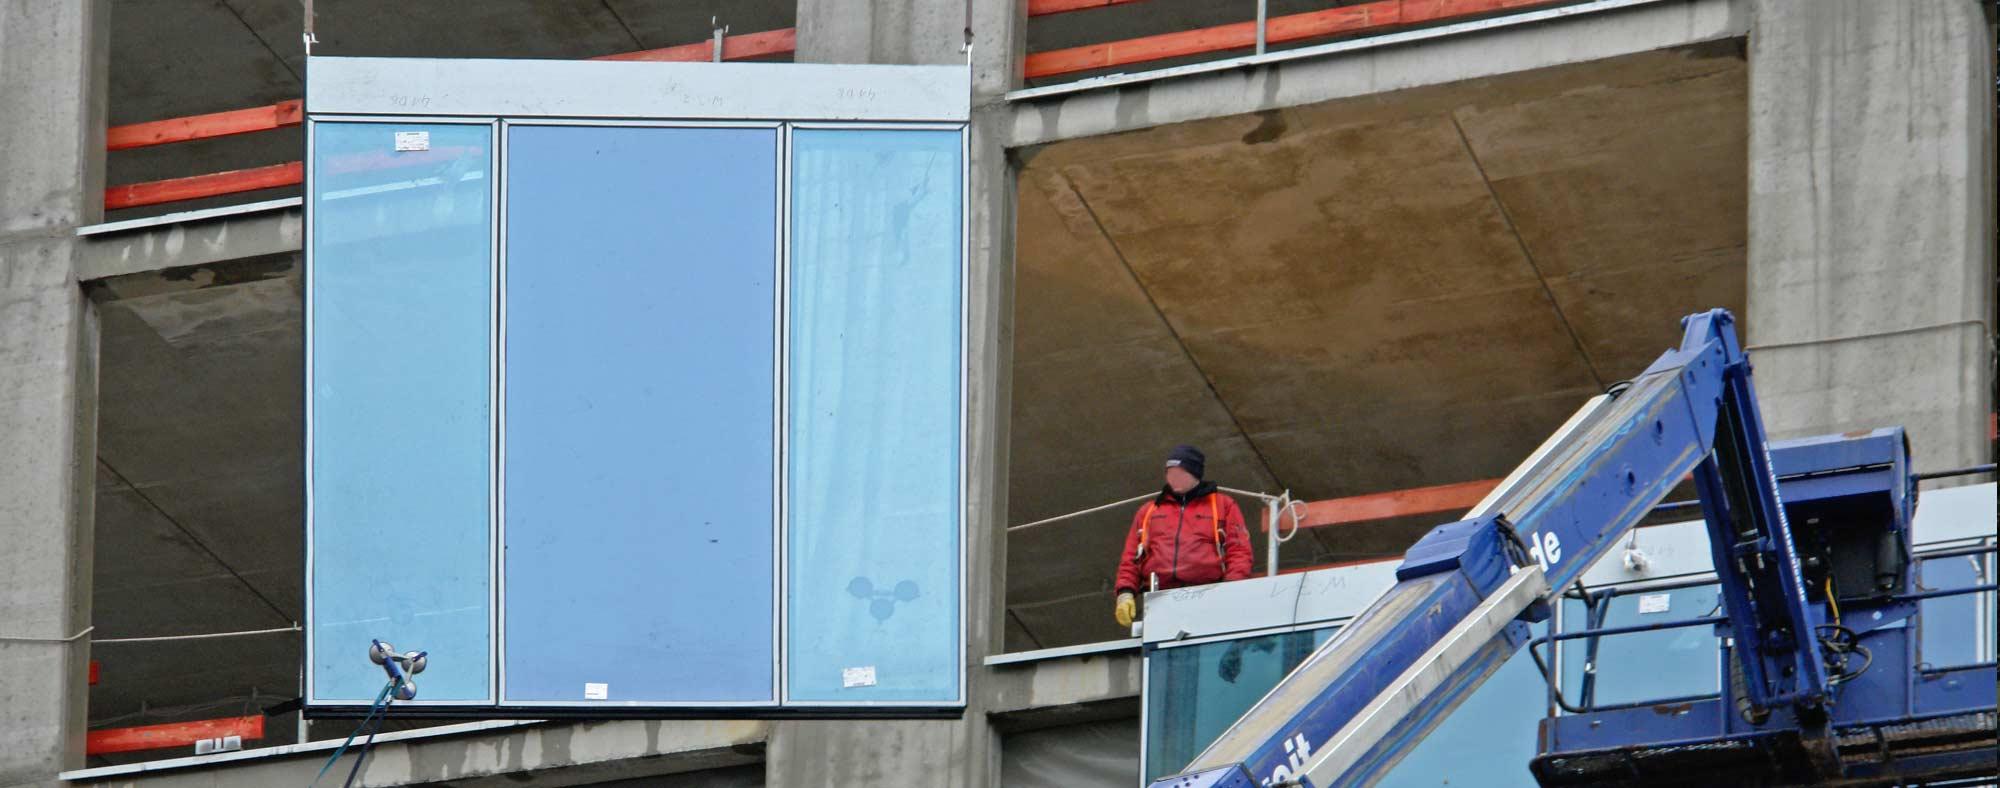 Energieeffizienz bei Hochhausfassaden - Installation von Fassadenelement an einem Hochhaus